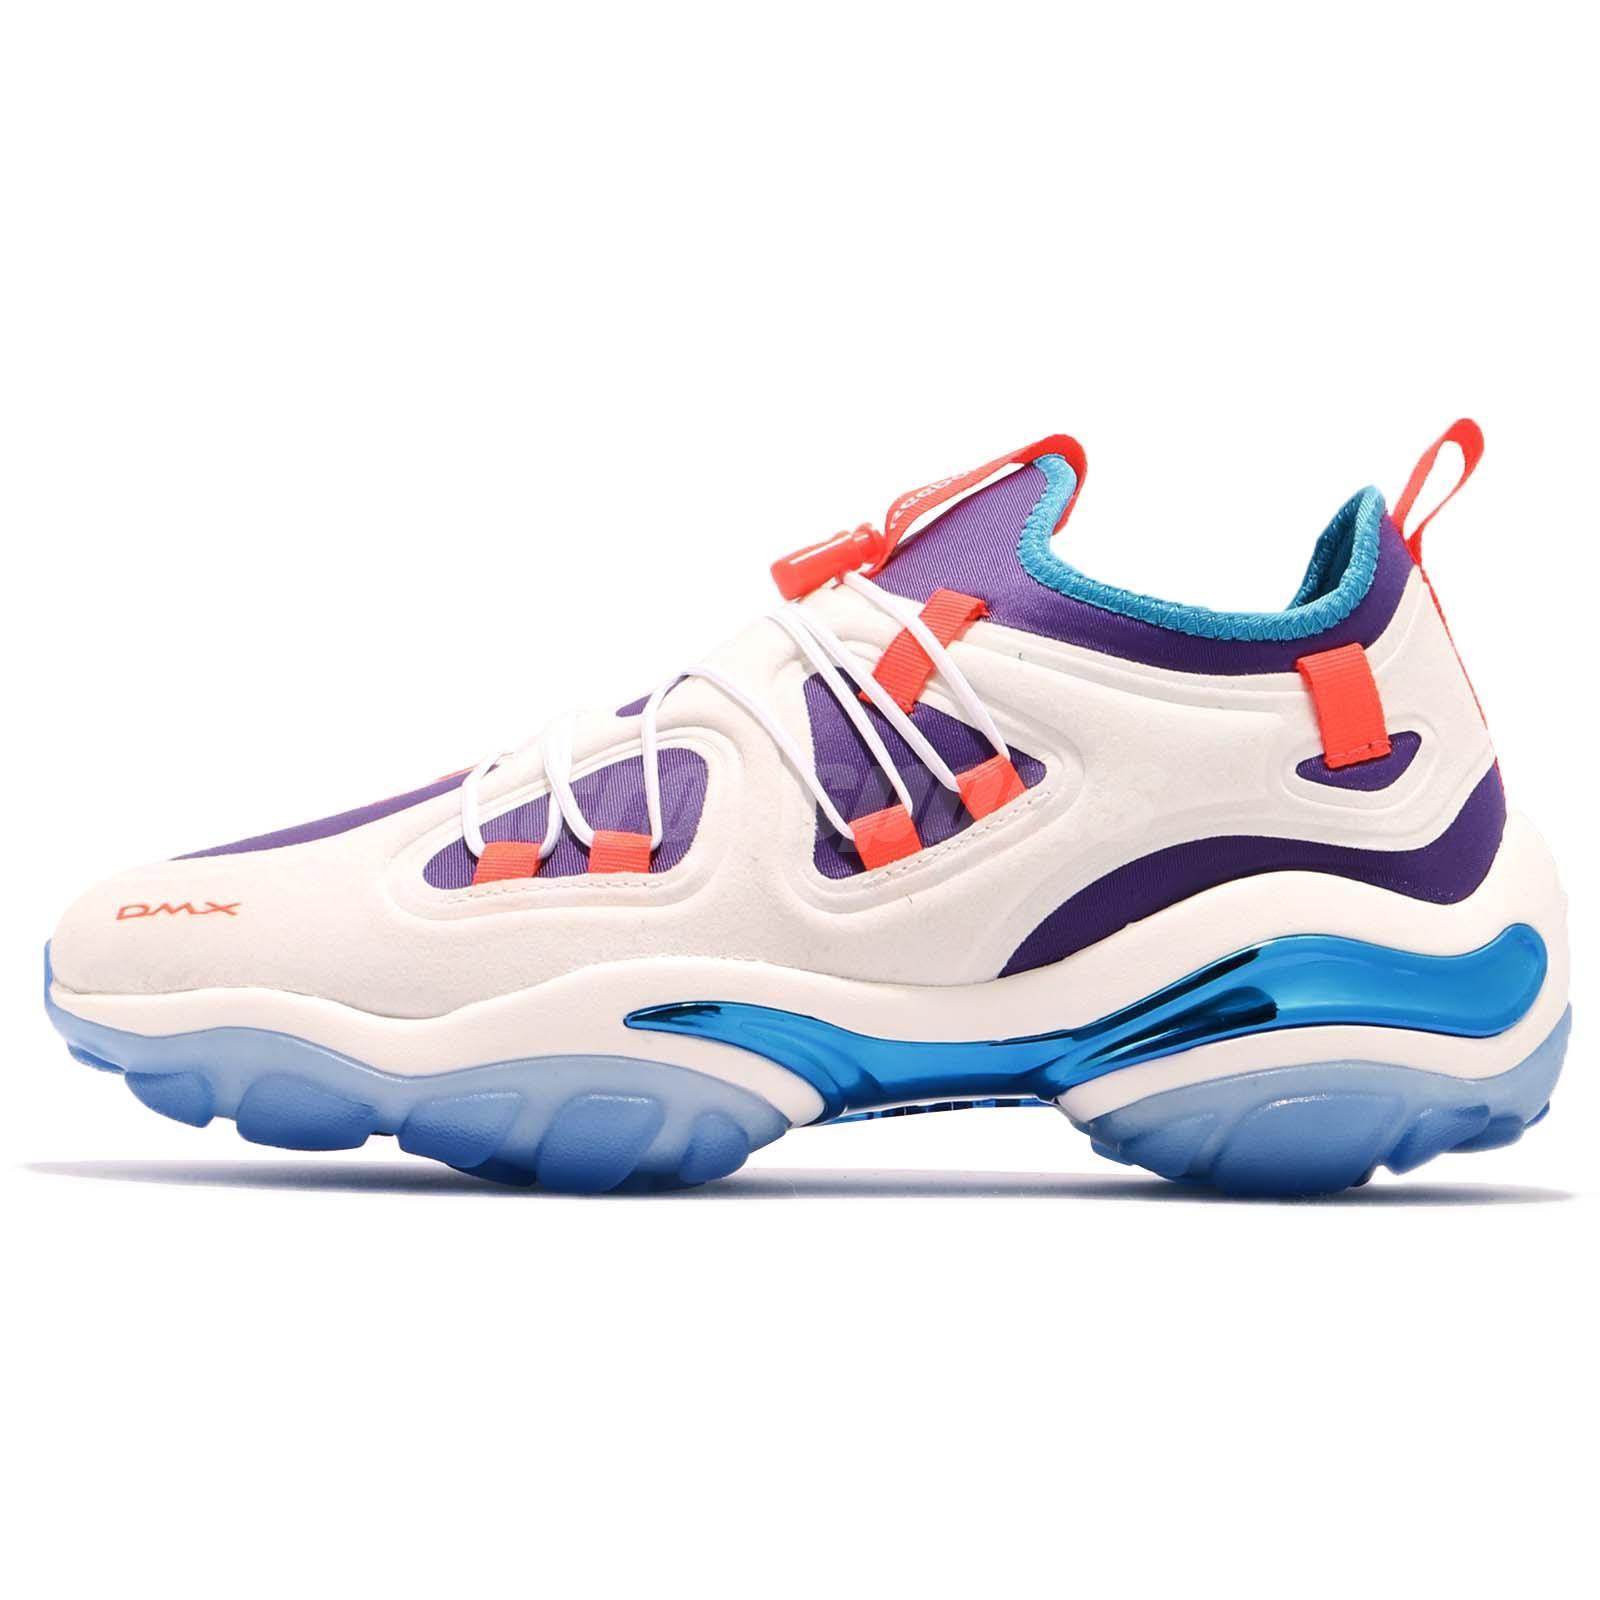 ed0272fa0b1a Reebok DMX Series 2000 Low Chalk White Orange Purple Blue Men Shoes CN3813